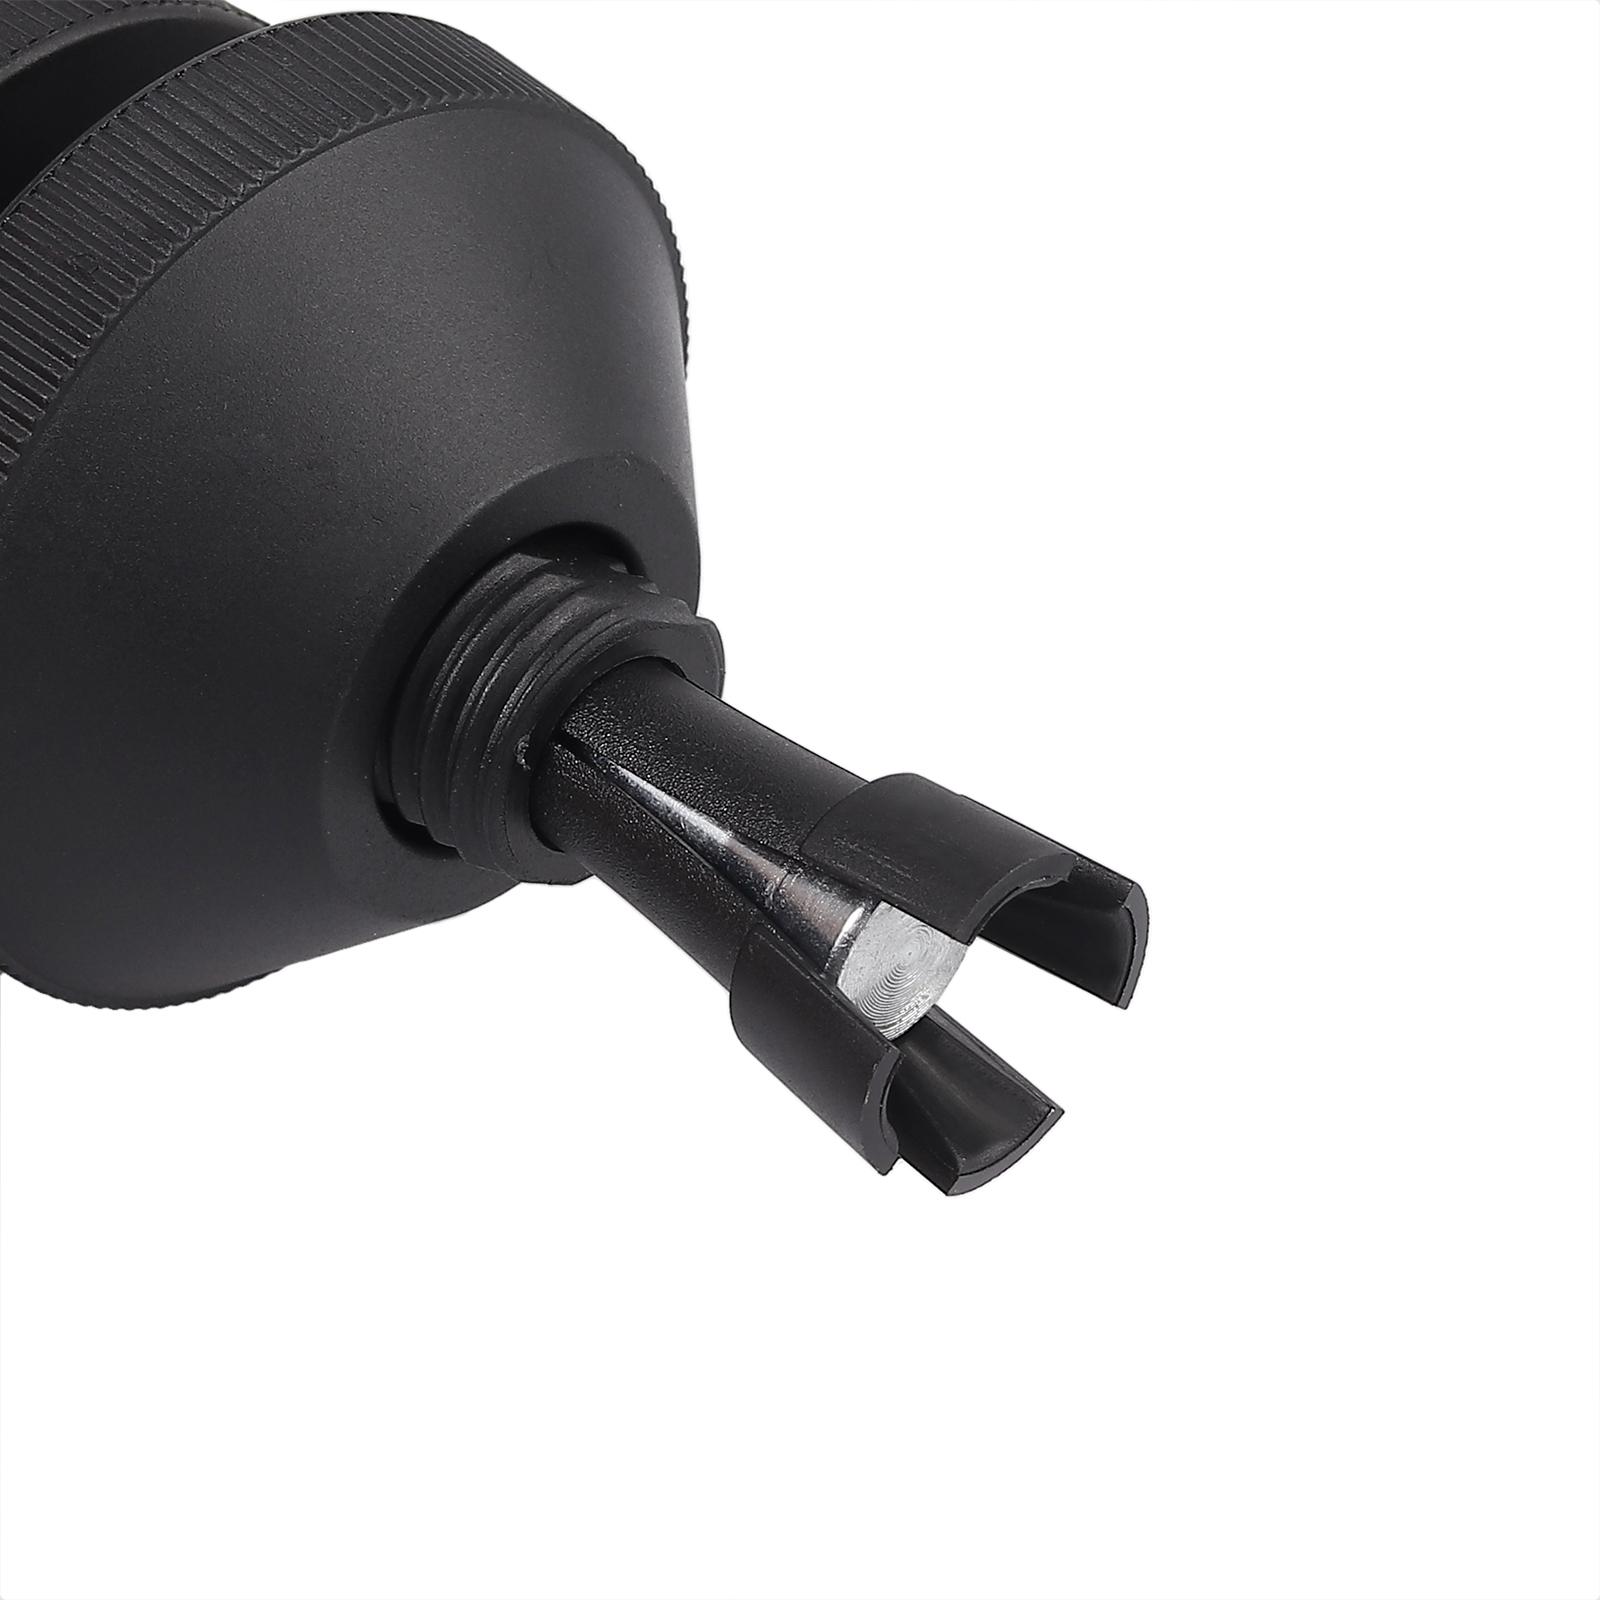 Kupplungszentrierwerkzeug Kupplungsdorn Kupplung Universal Gesamtlänge 130mm NEU